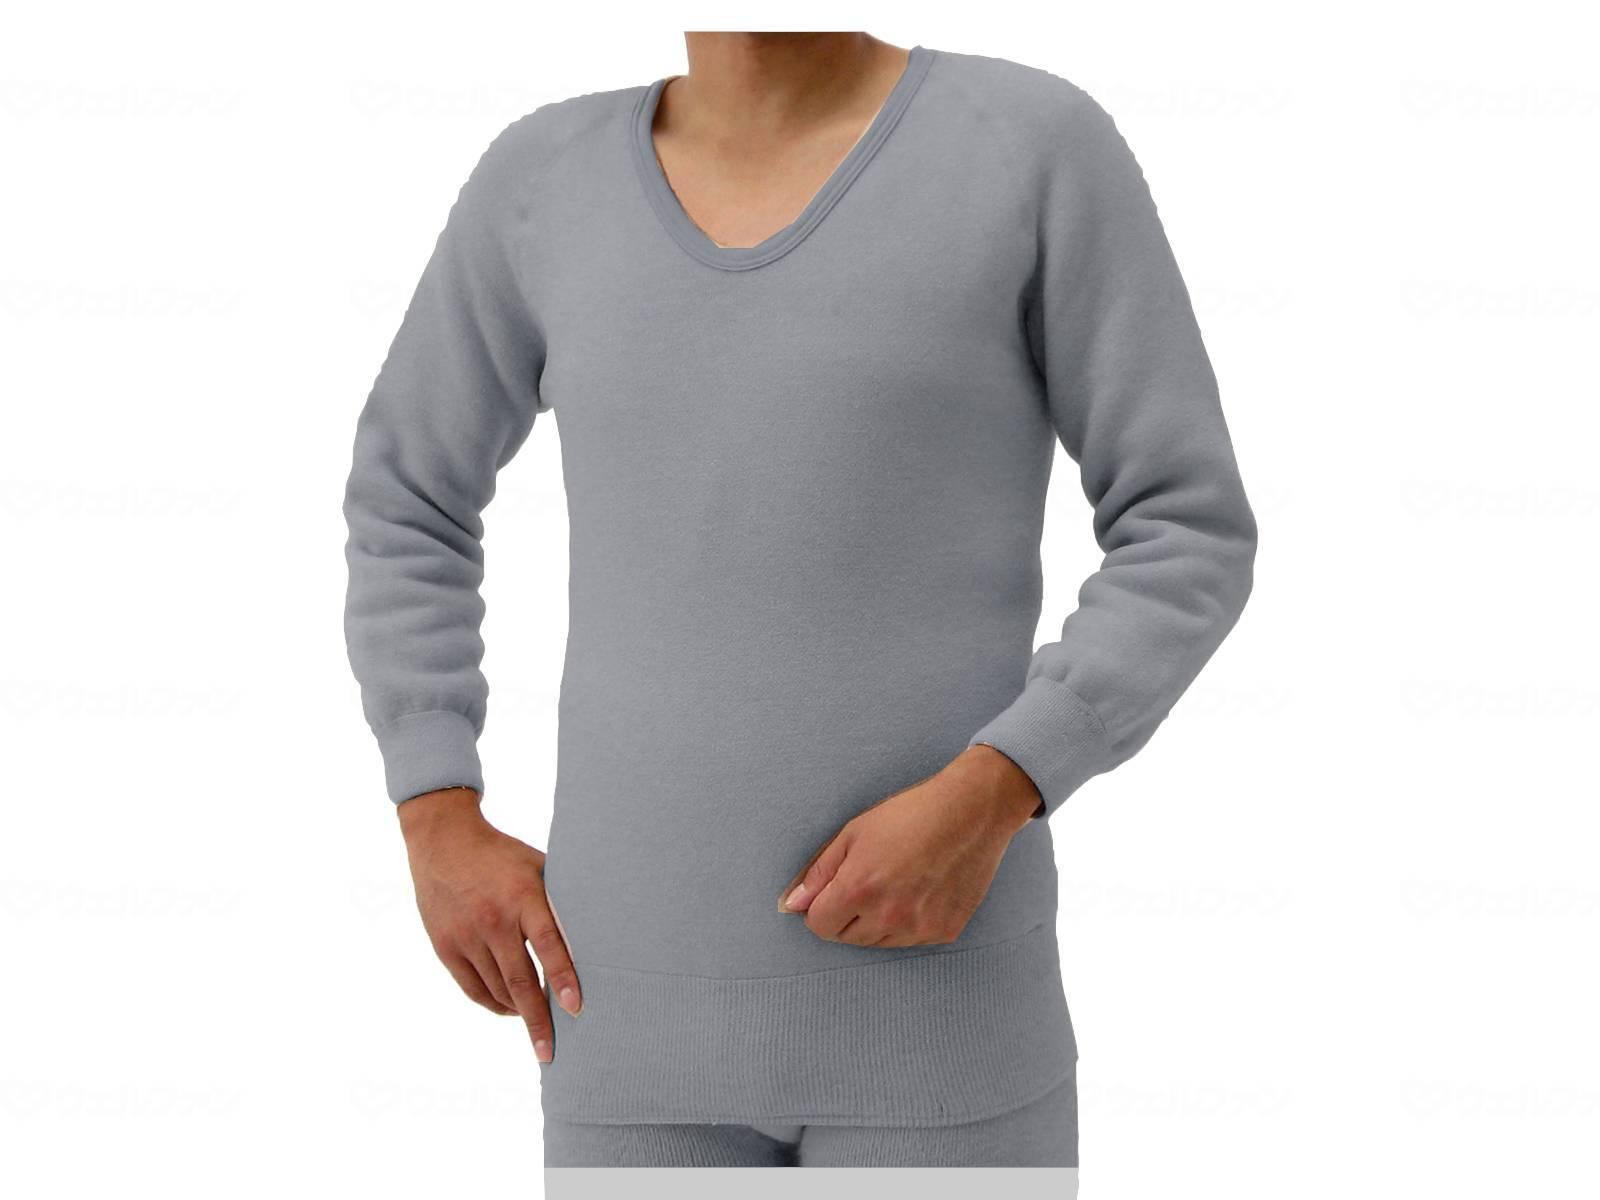 もちはだ(極厚地)長袖シャツ(紳士用)Mサイズ